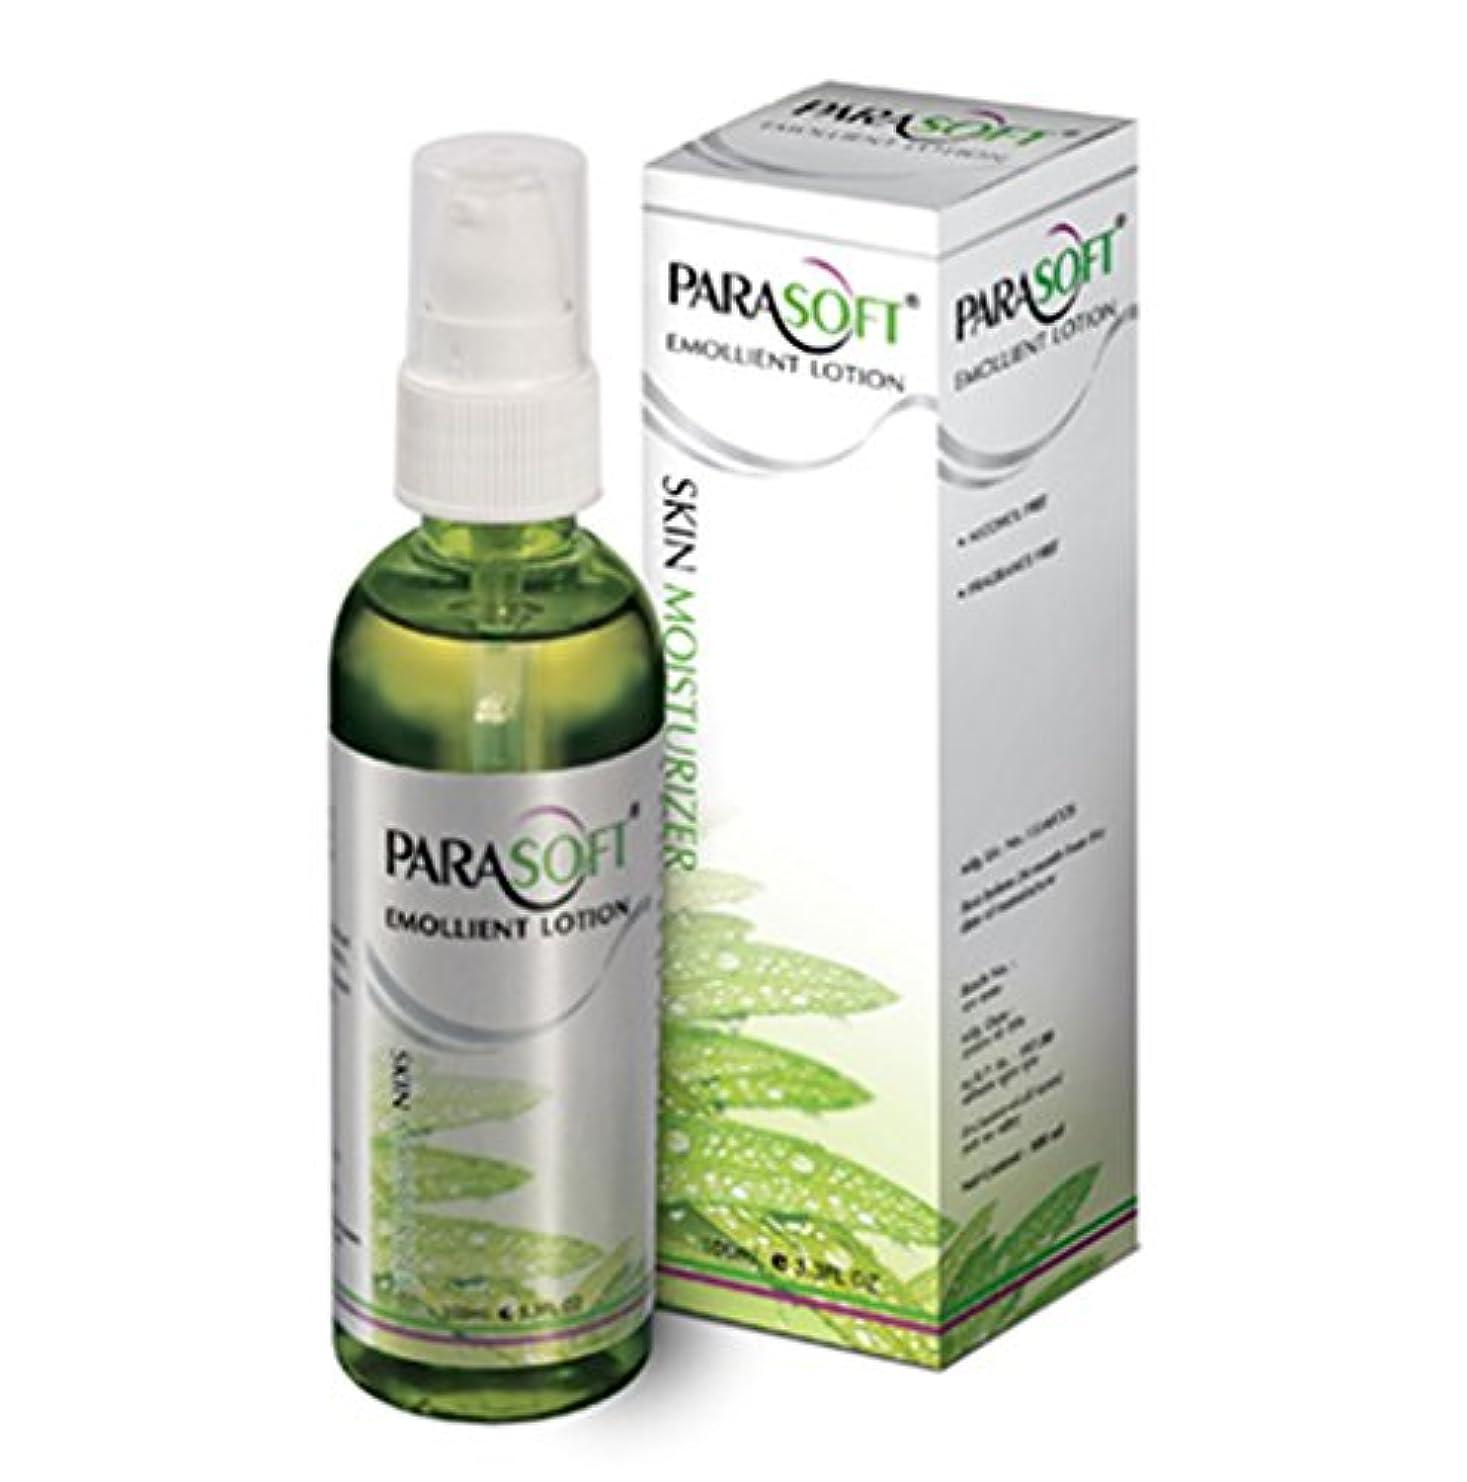 高める篭寄付Paraffin Lotion Grapeseed, Jojoba, Aloevera, Avocado, Olive Oil Dry Skin 100ml